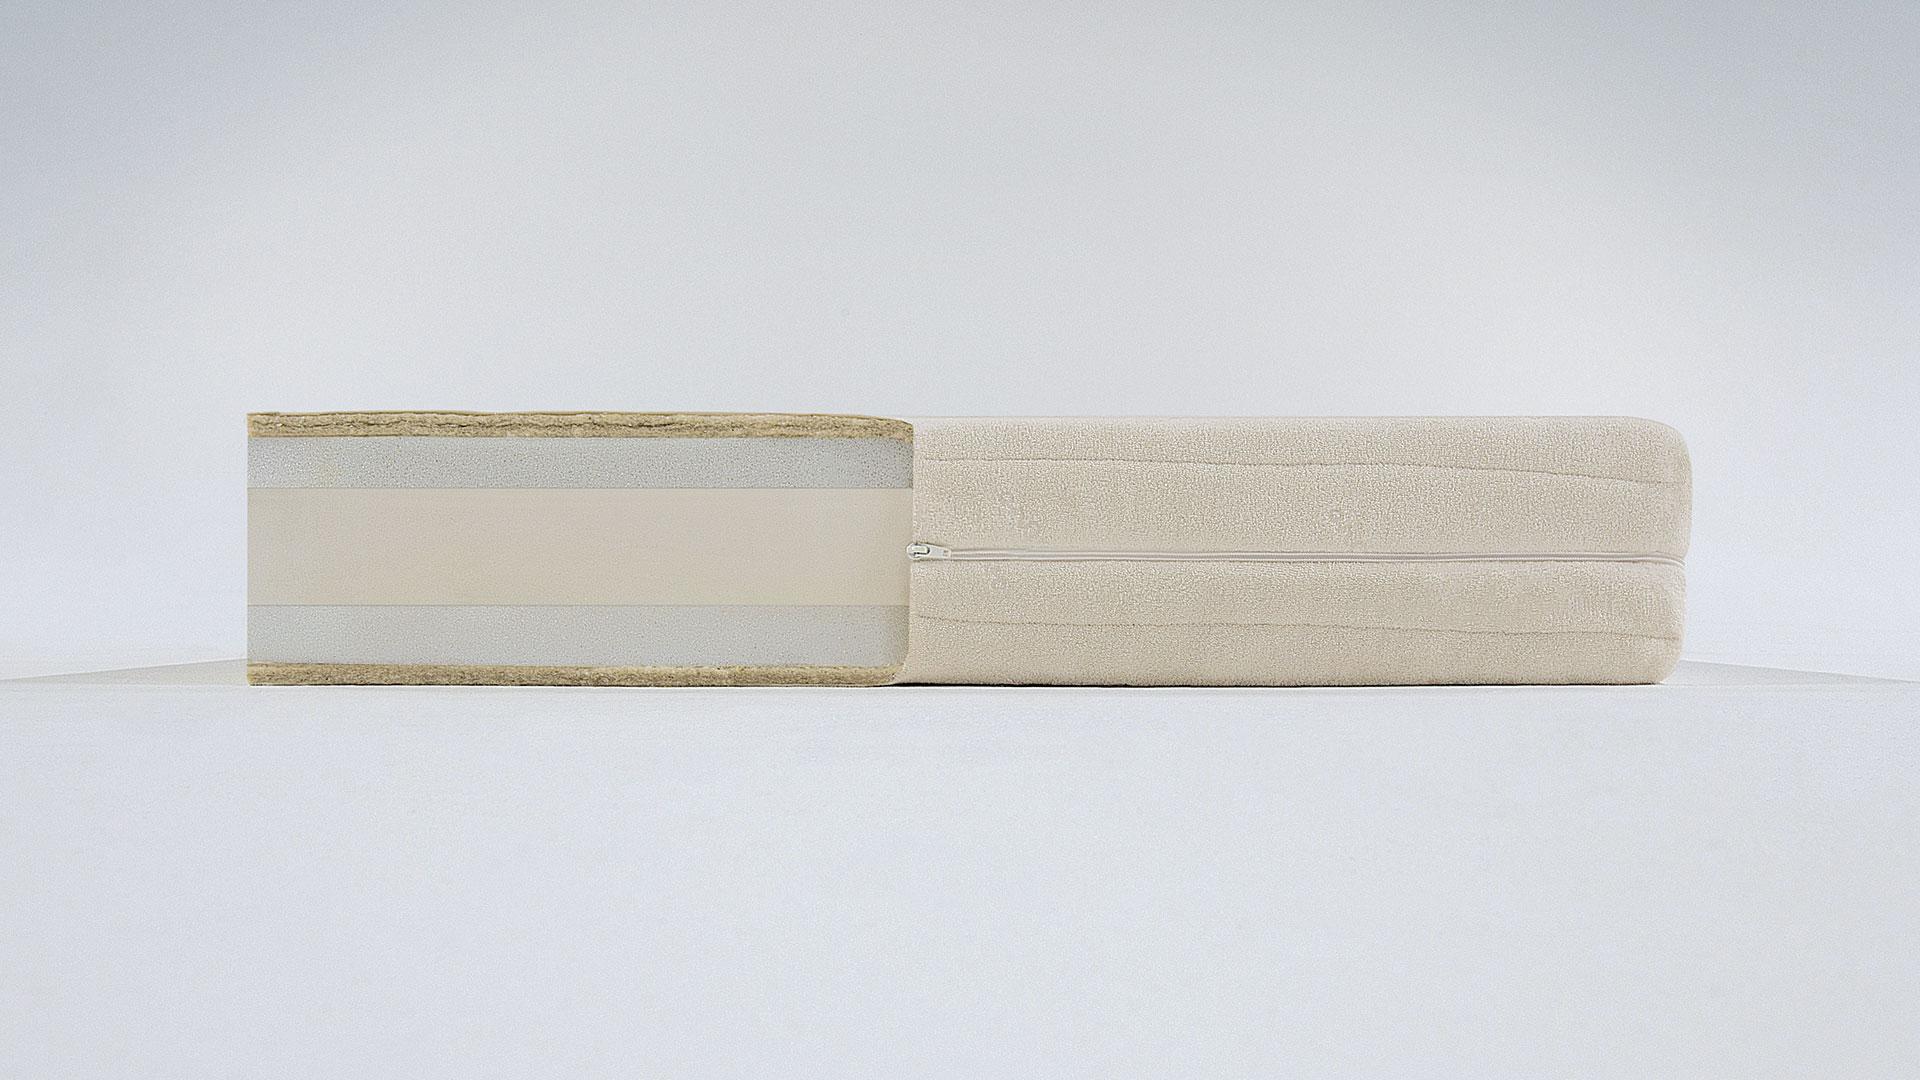 Schaumstoff Zuschnitt mit hochwertigen Materialien